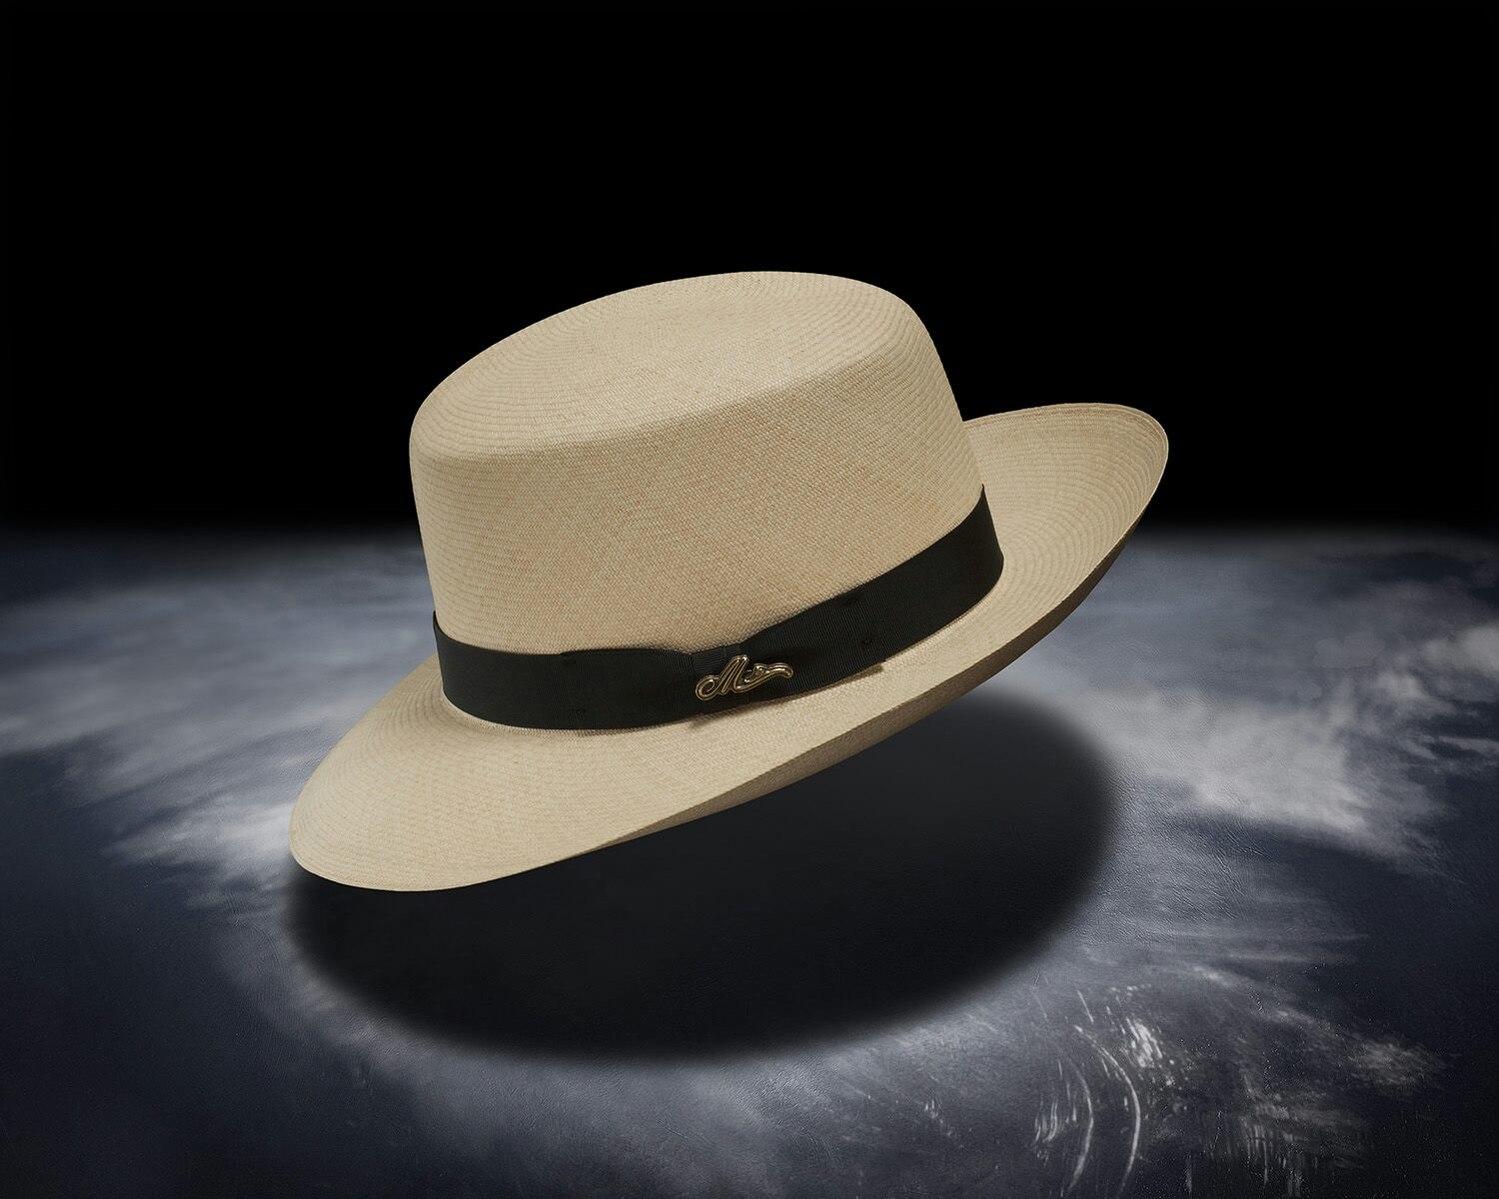 f347175f2c5cd Panama-Hut - Die vollständigen Informationen und Online-Verkauf mit  kostenlosem Versand. Bestellen und kaufen Sie jetzt zum günstigsten Preis  im besten ...